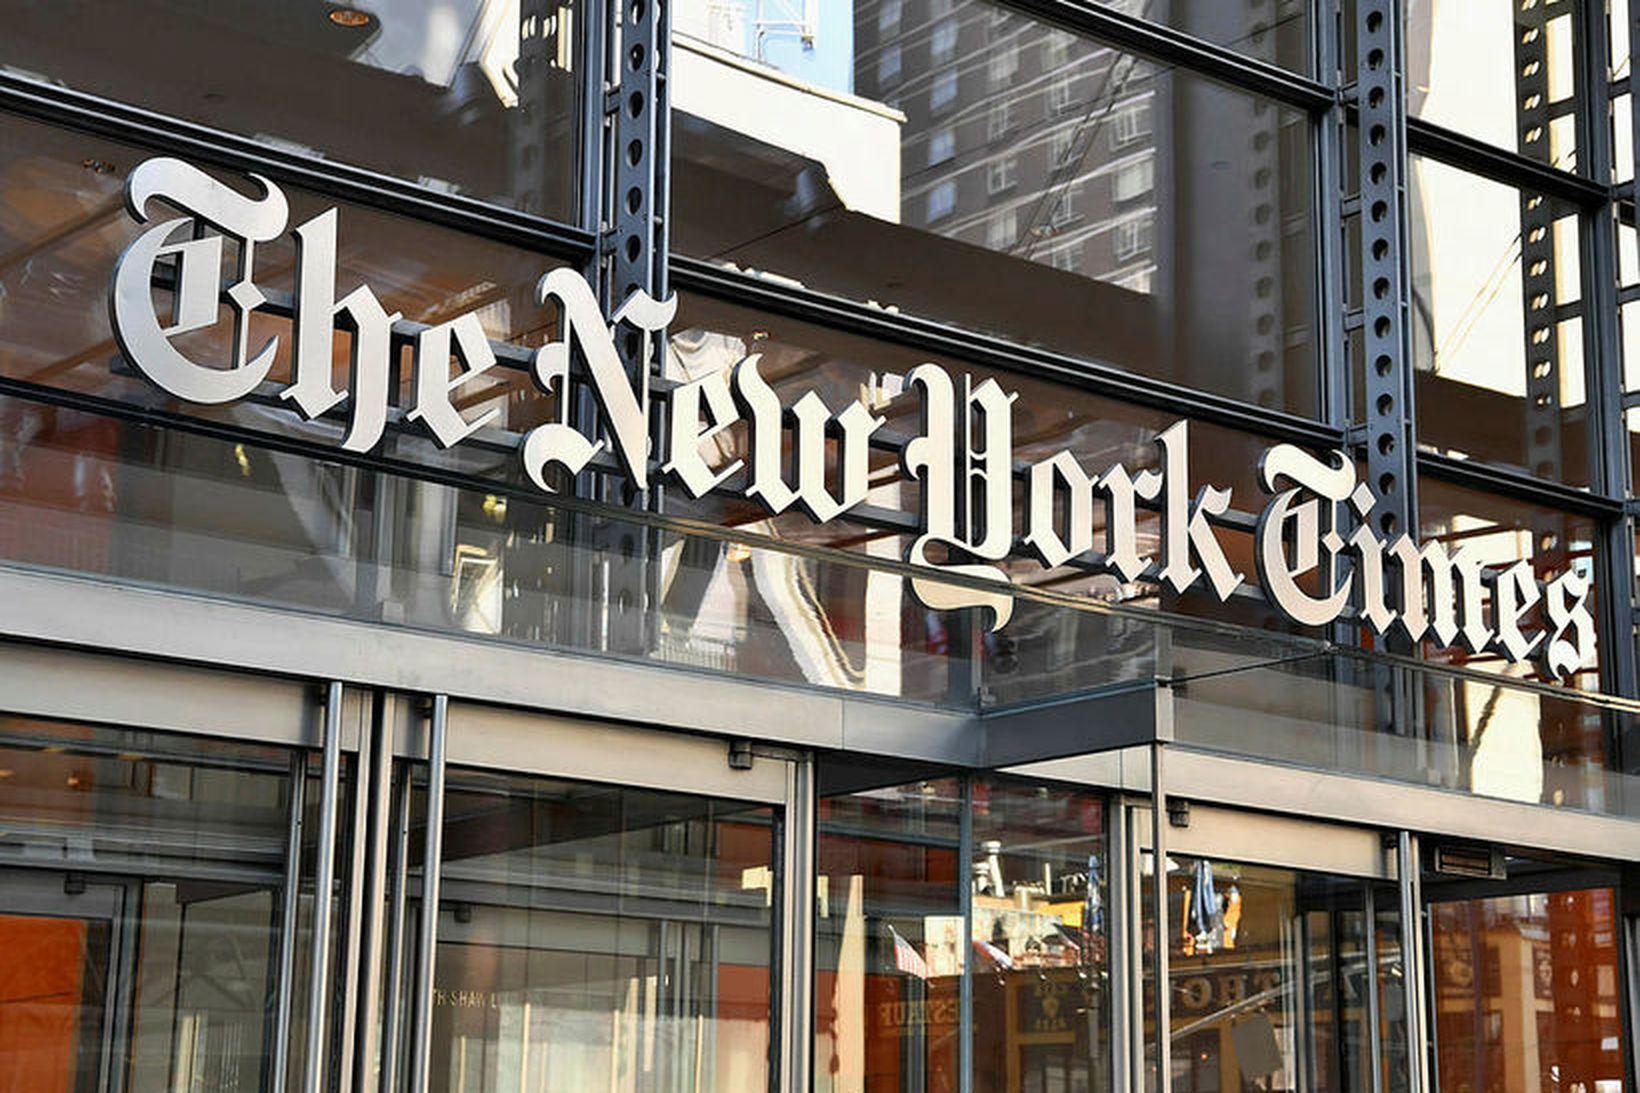 Mótmælendur söfnuðust saman fyrir utan höfuðsstöðvar The New York Times.